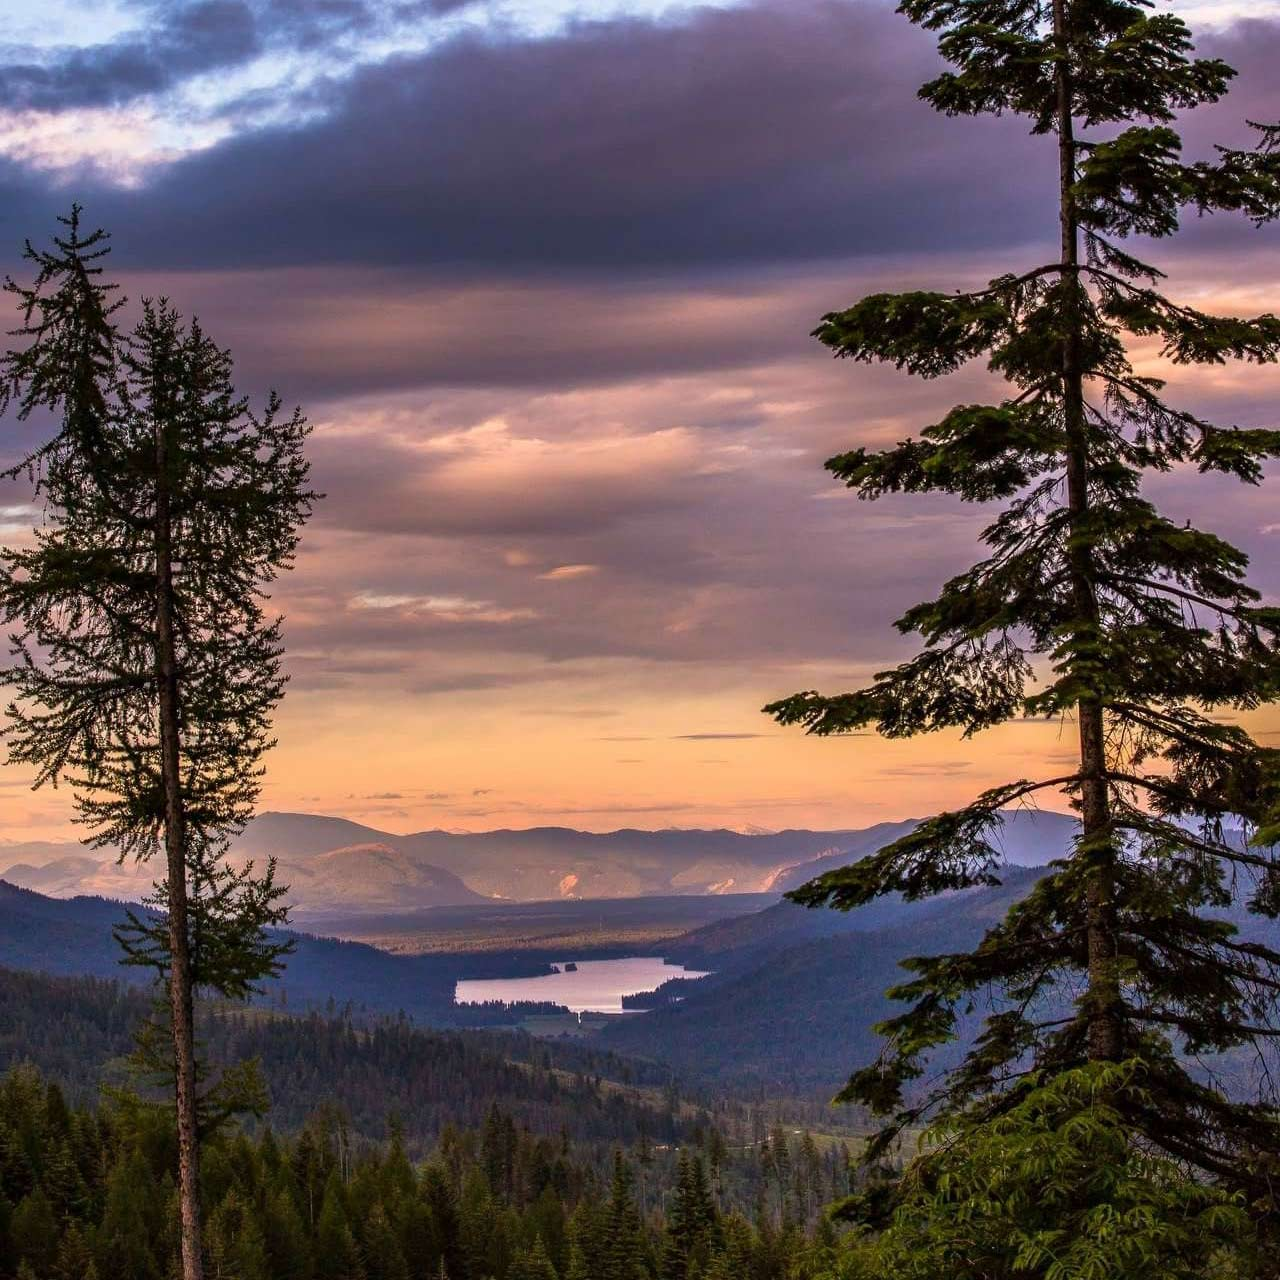 spirit-lake-from-Mt-spokane